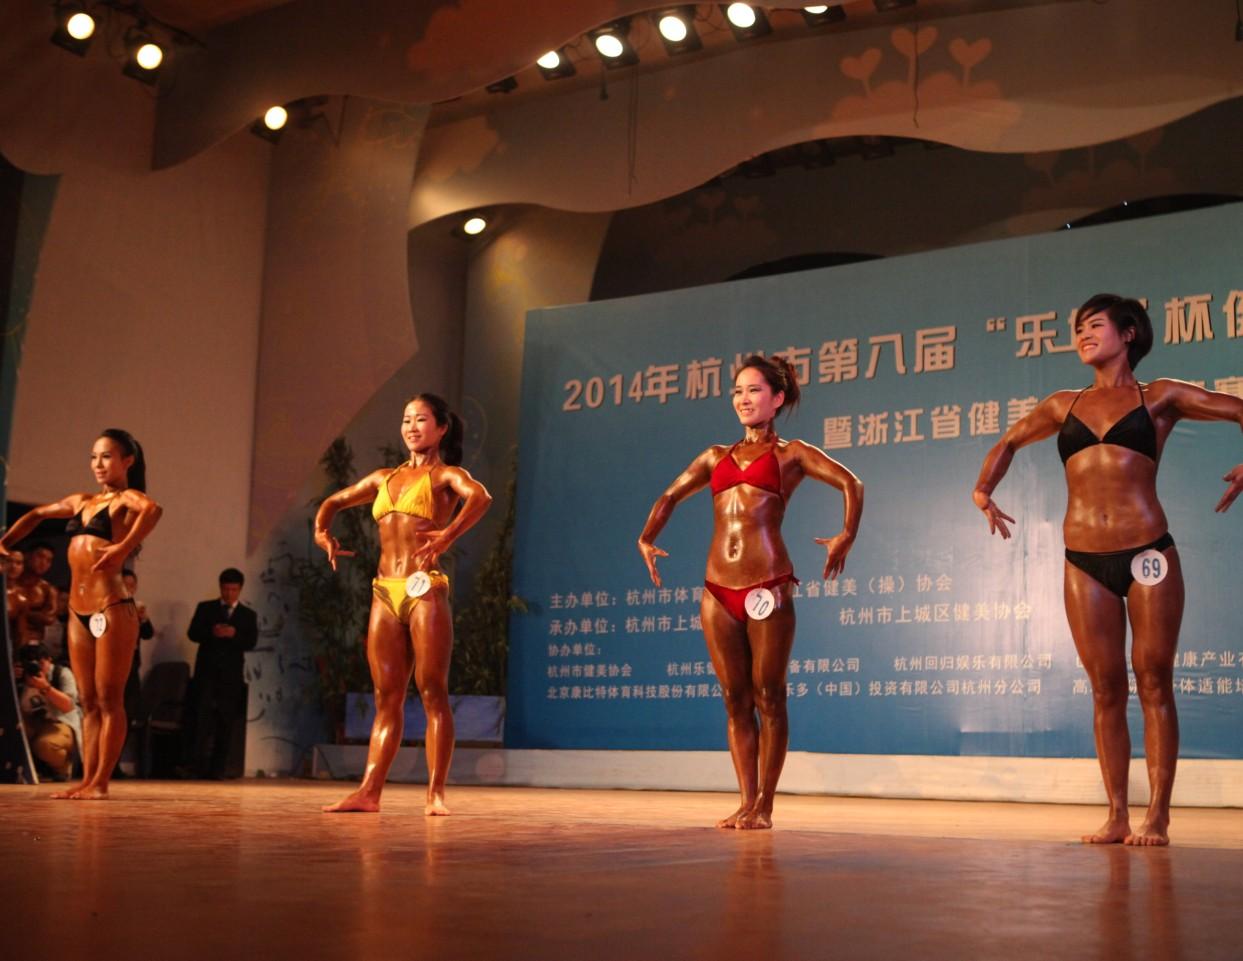 【健美】第八届健美健身锦标赛举办